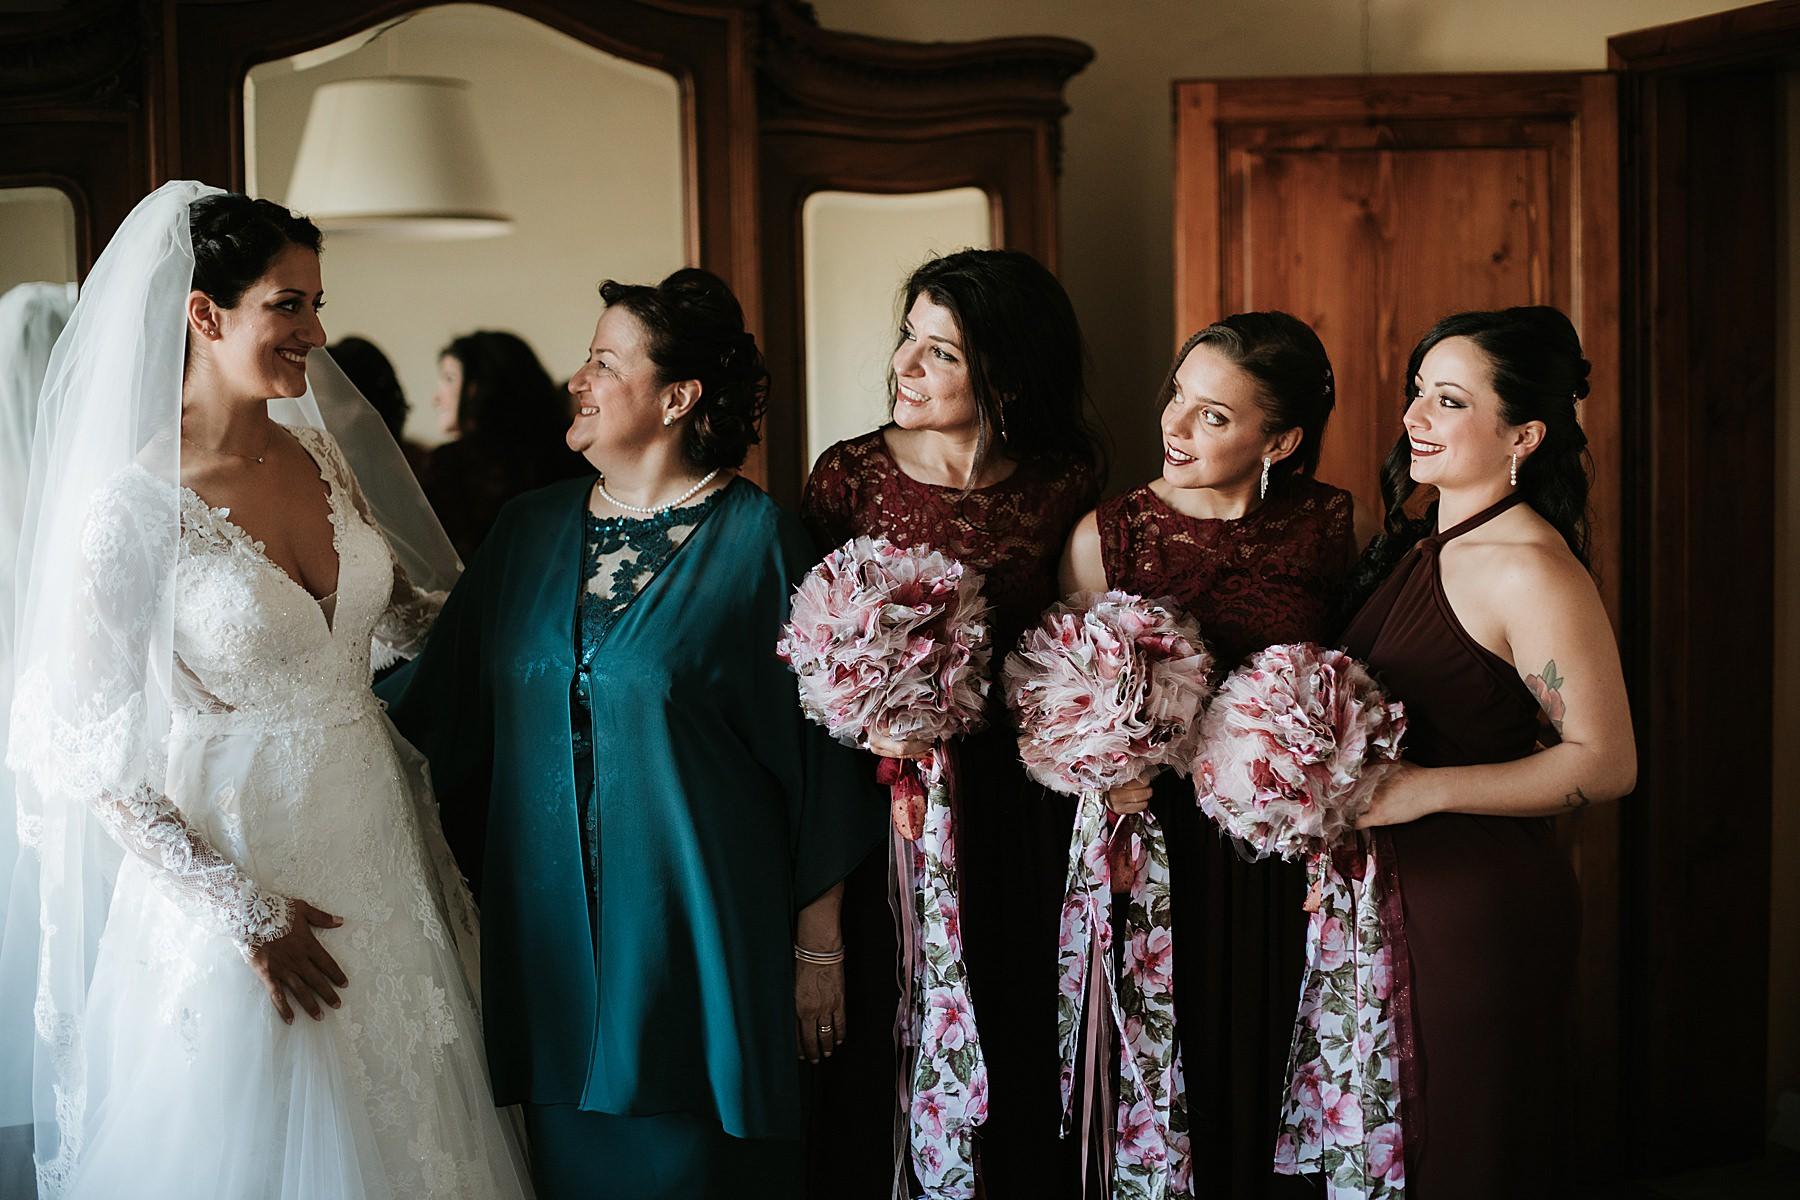 Matrimonio romantico nel chianti preparazione sposa con damigelle